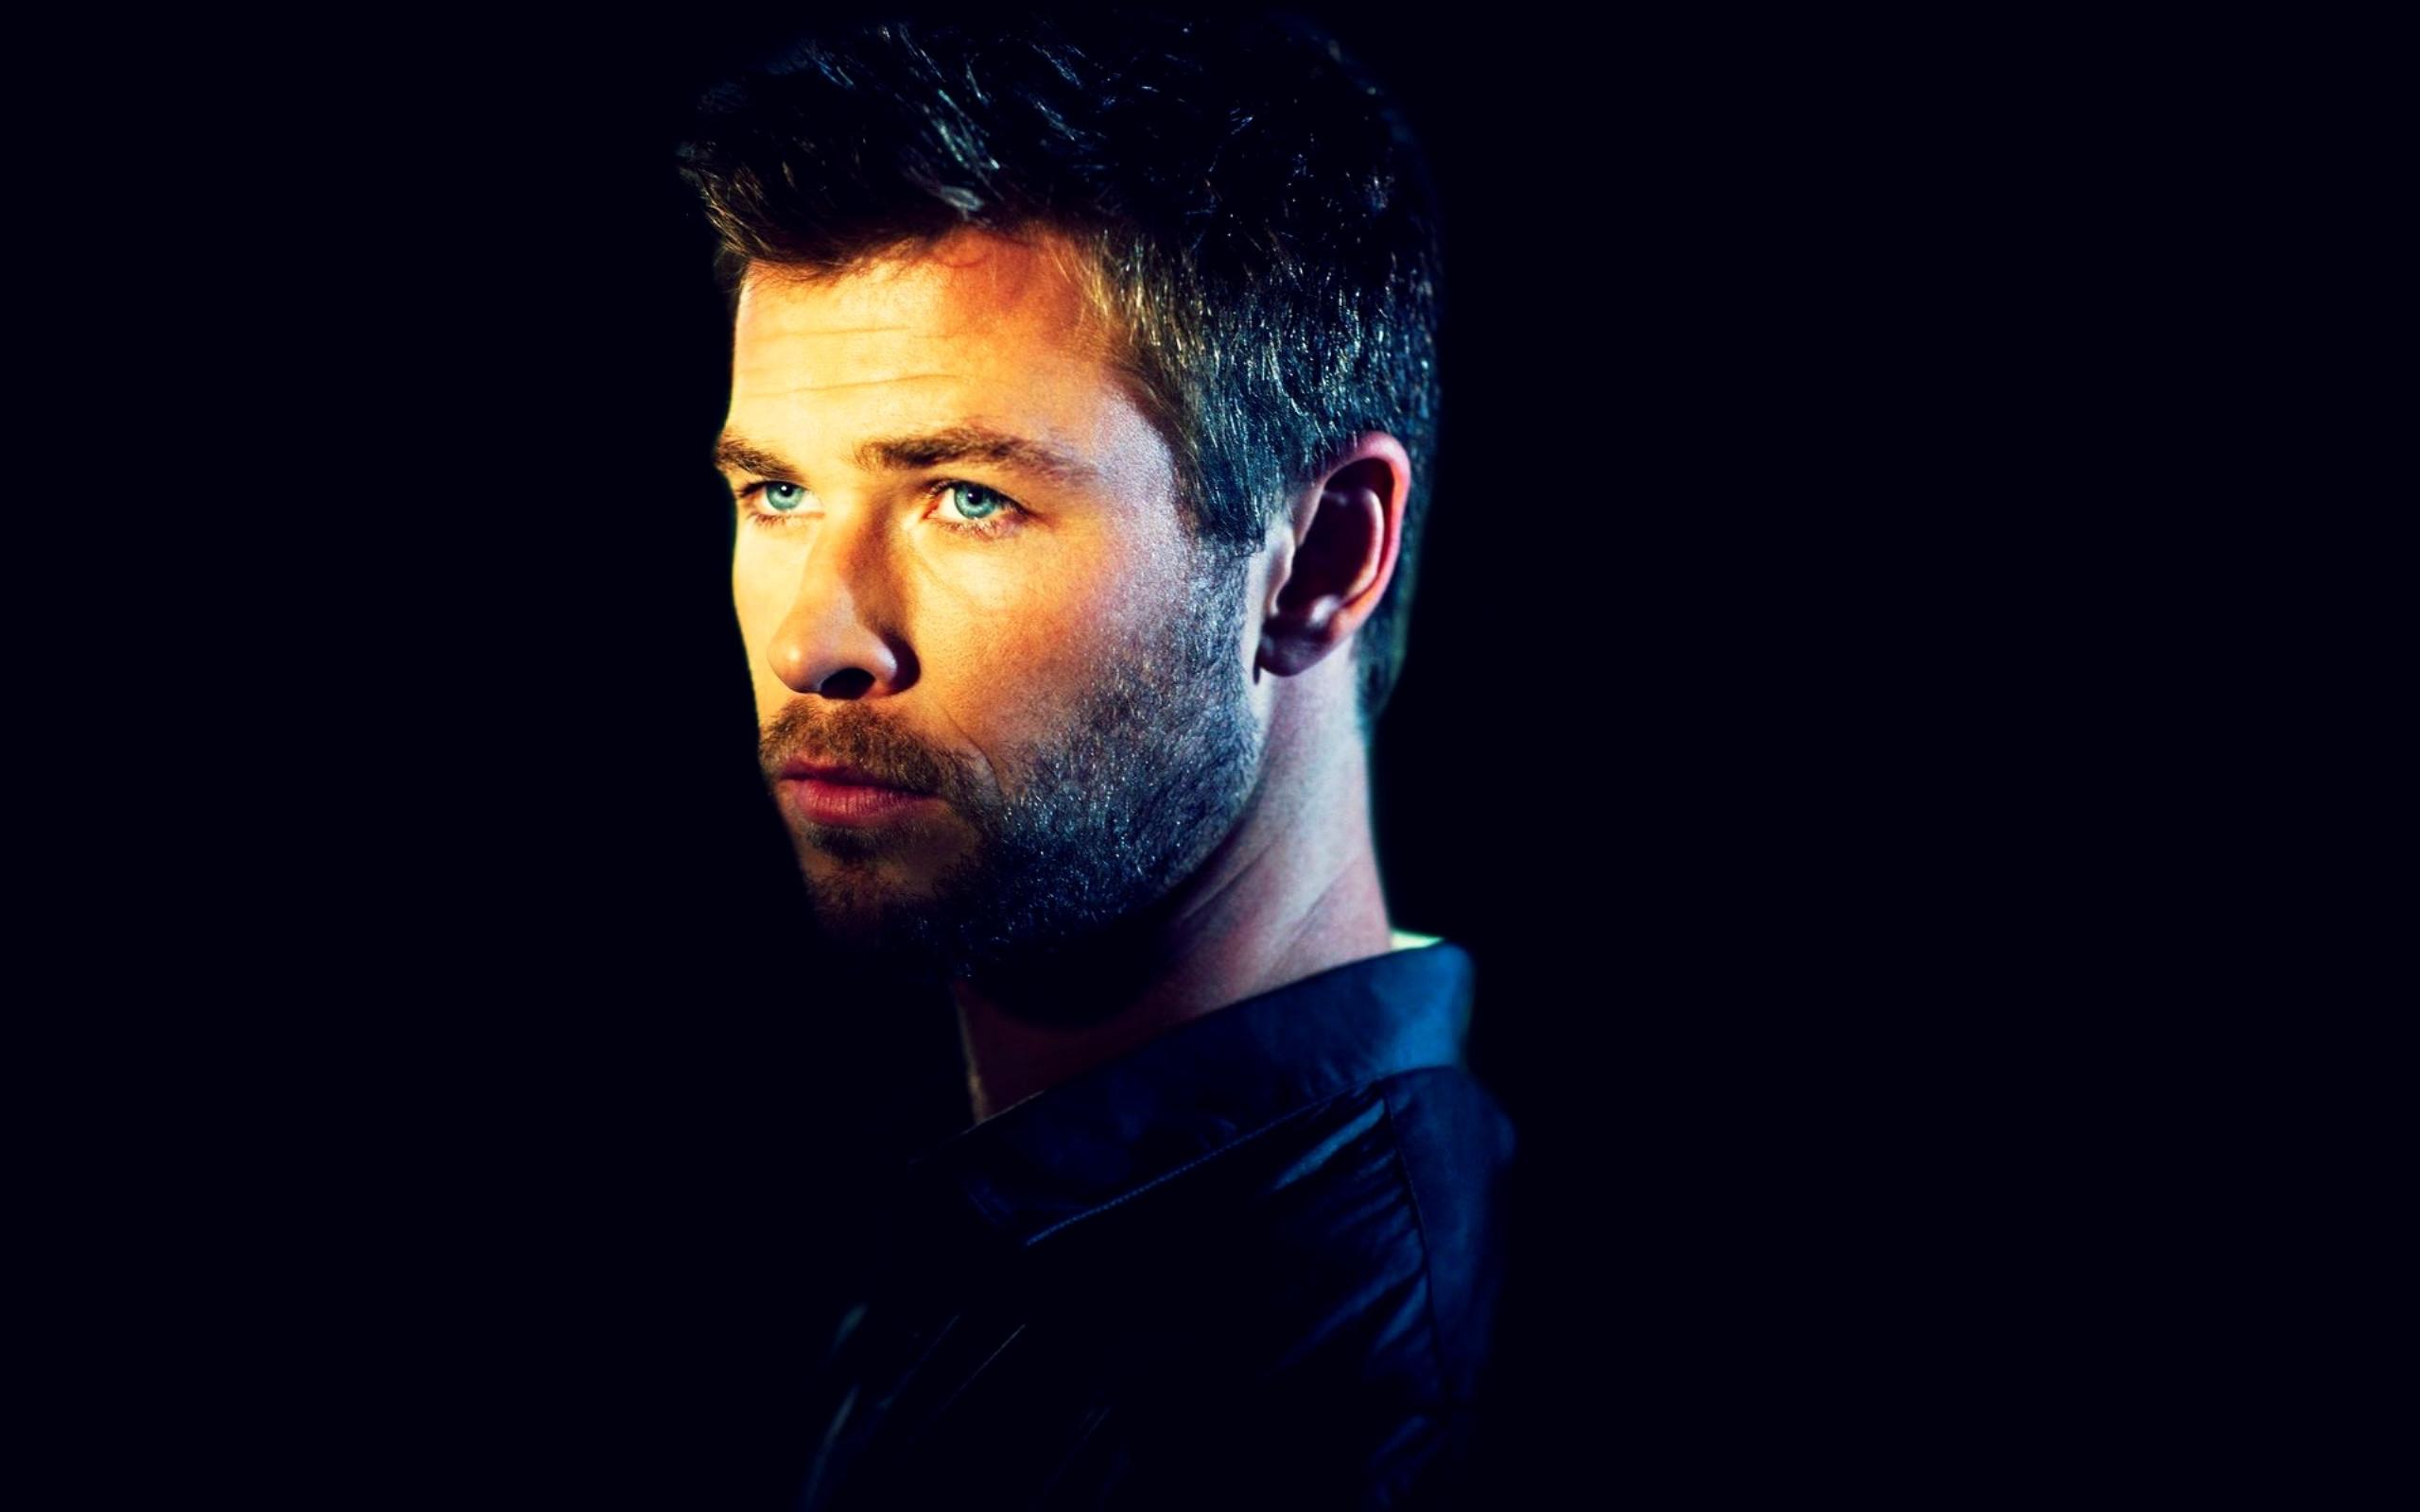 Chris Hemsworth Actor Wallpaper HD Wallpapers 2560x1600